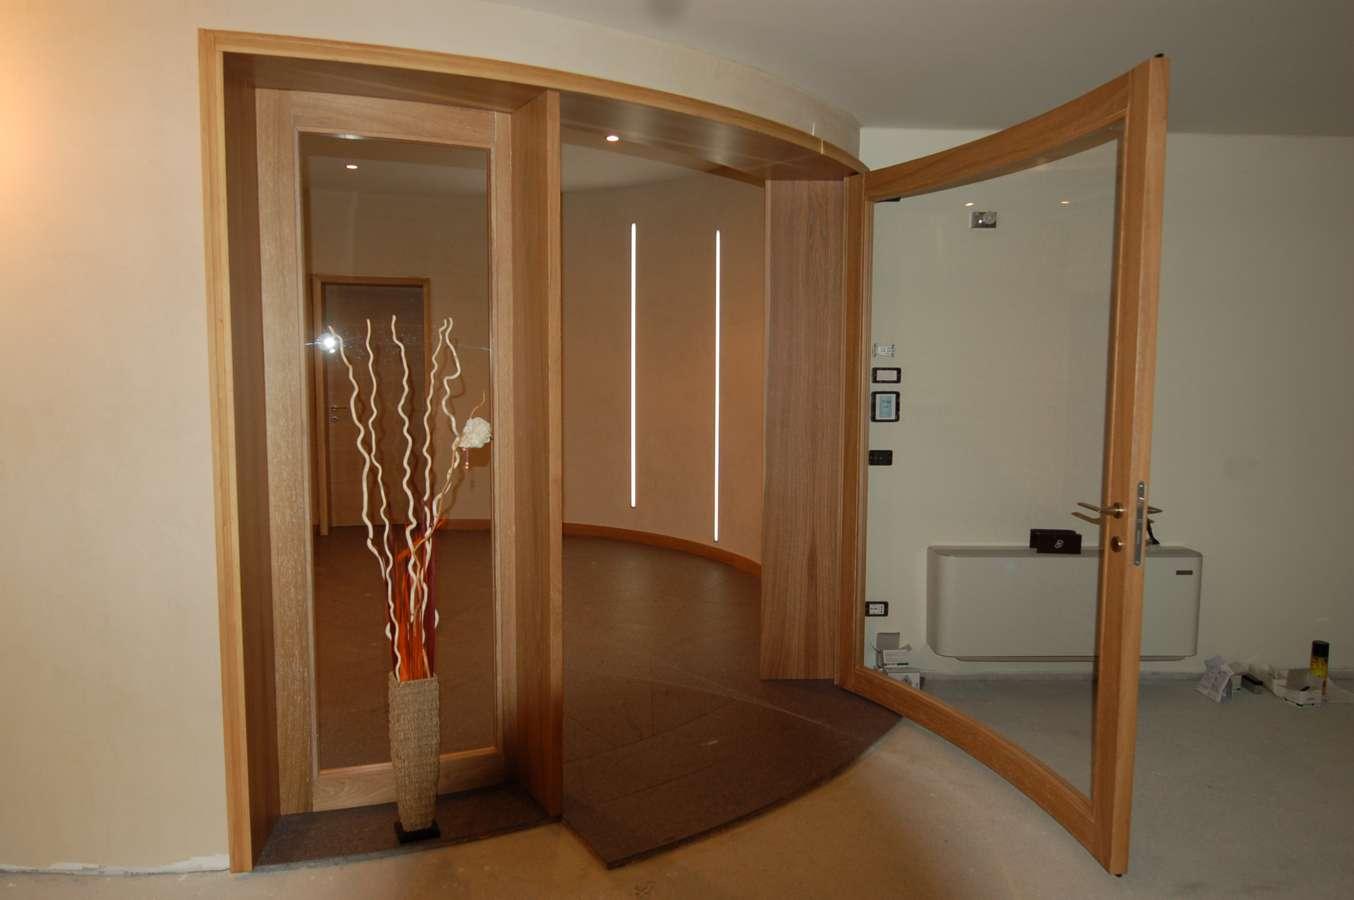 La falegnameria rampini porte interne - Porta scorrevole curva ...